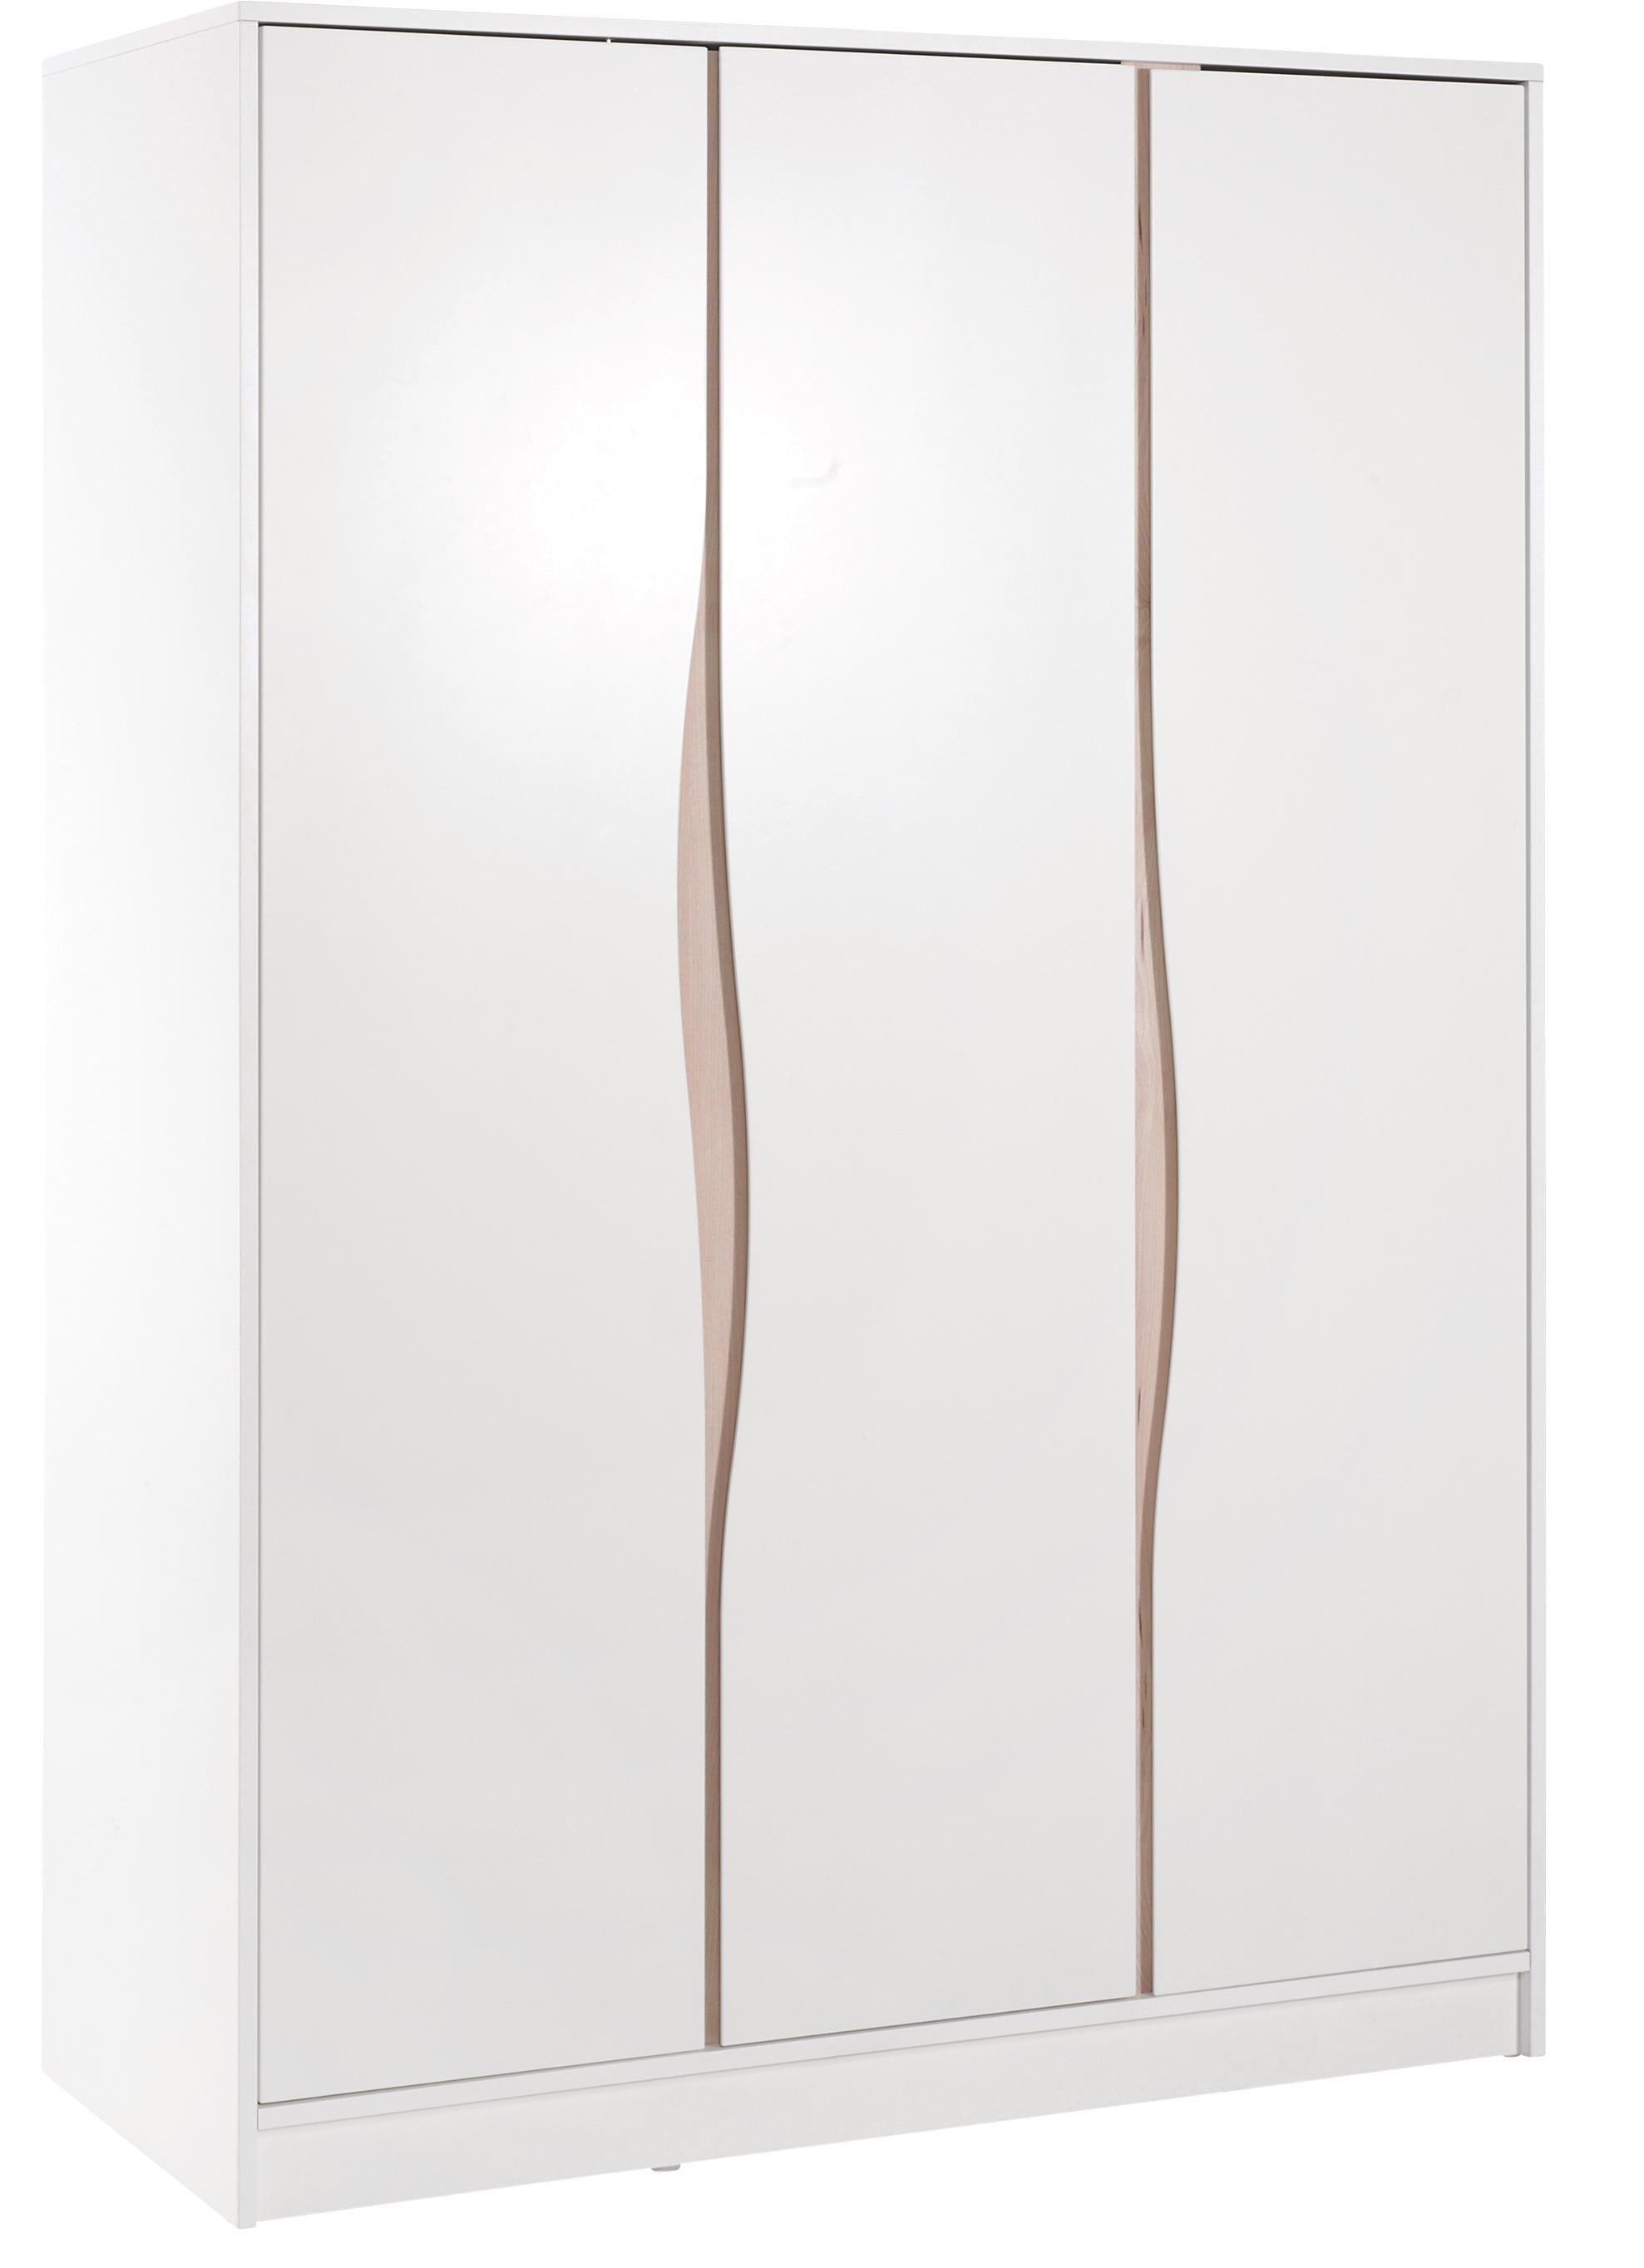 Geuther Kleiderschrank WAVE, 3-türig, Natur | Schlafzimmer > Kleiderschränke | Geuther